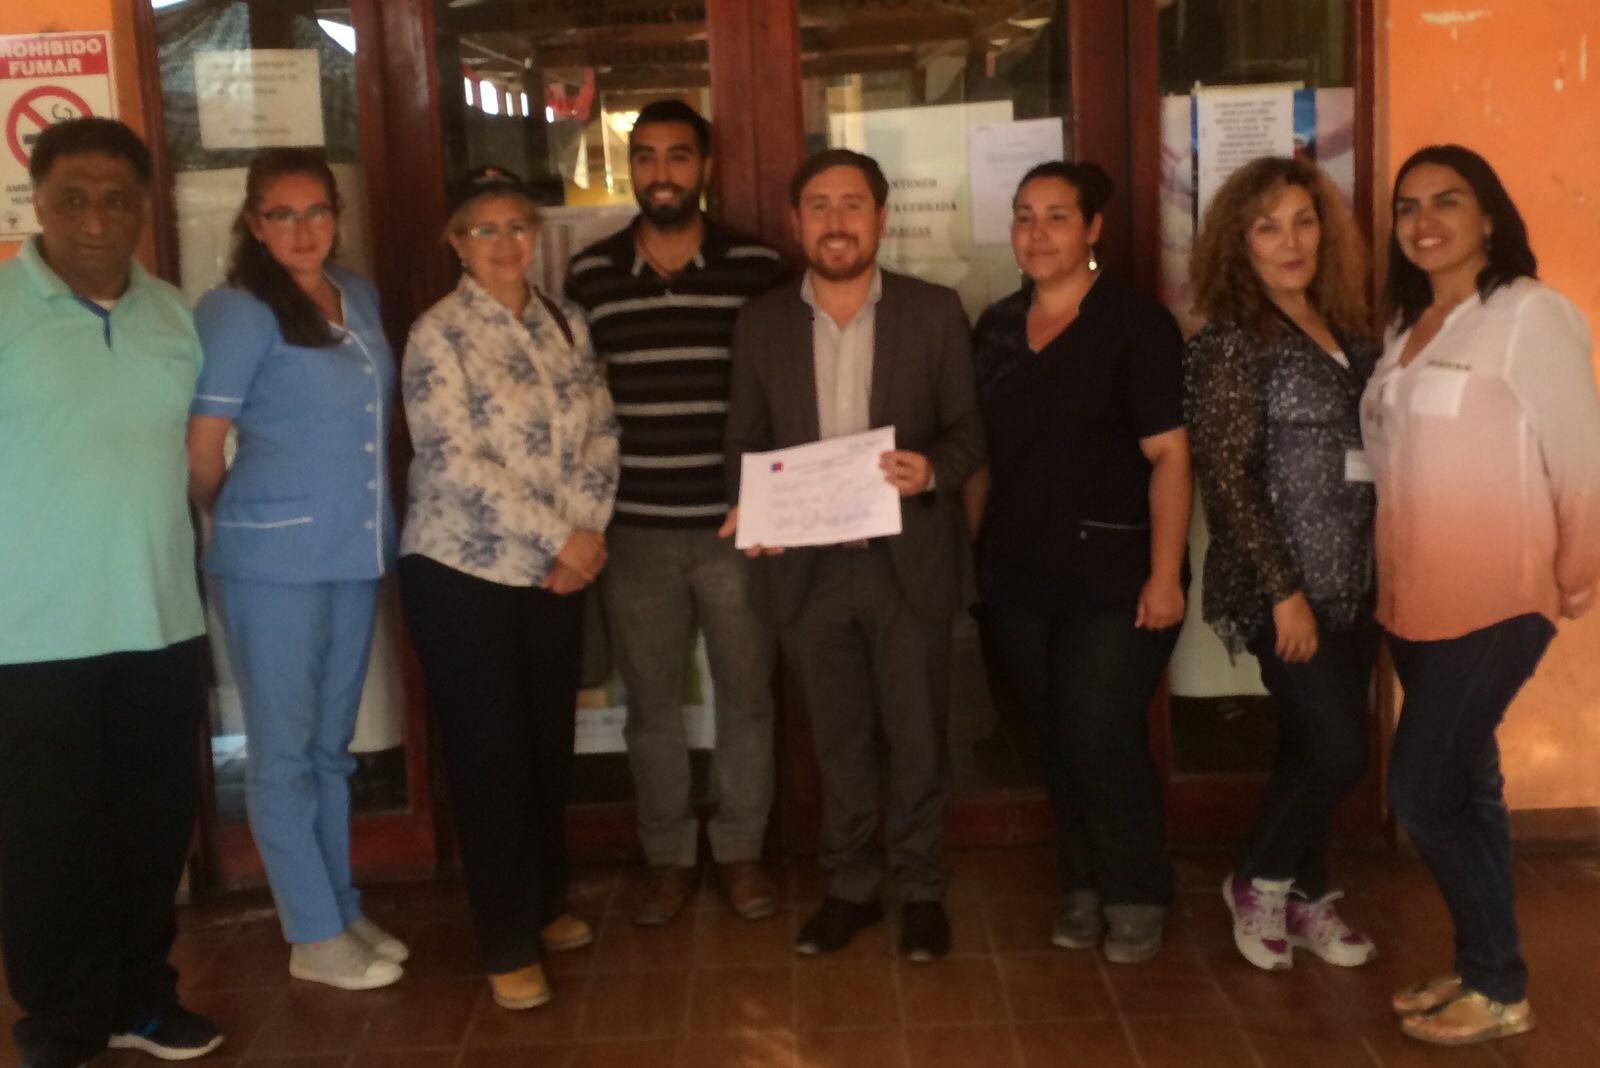 Freirina logra ser la primera comuna de Chile certificada por la OPS /OMS al cumplir más del 100% de cobertura de vacunación contra el Sarampión